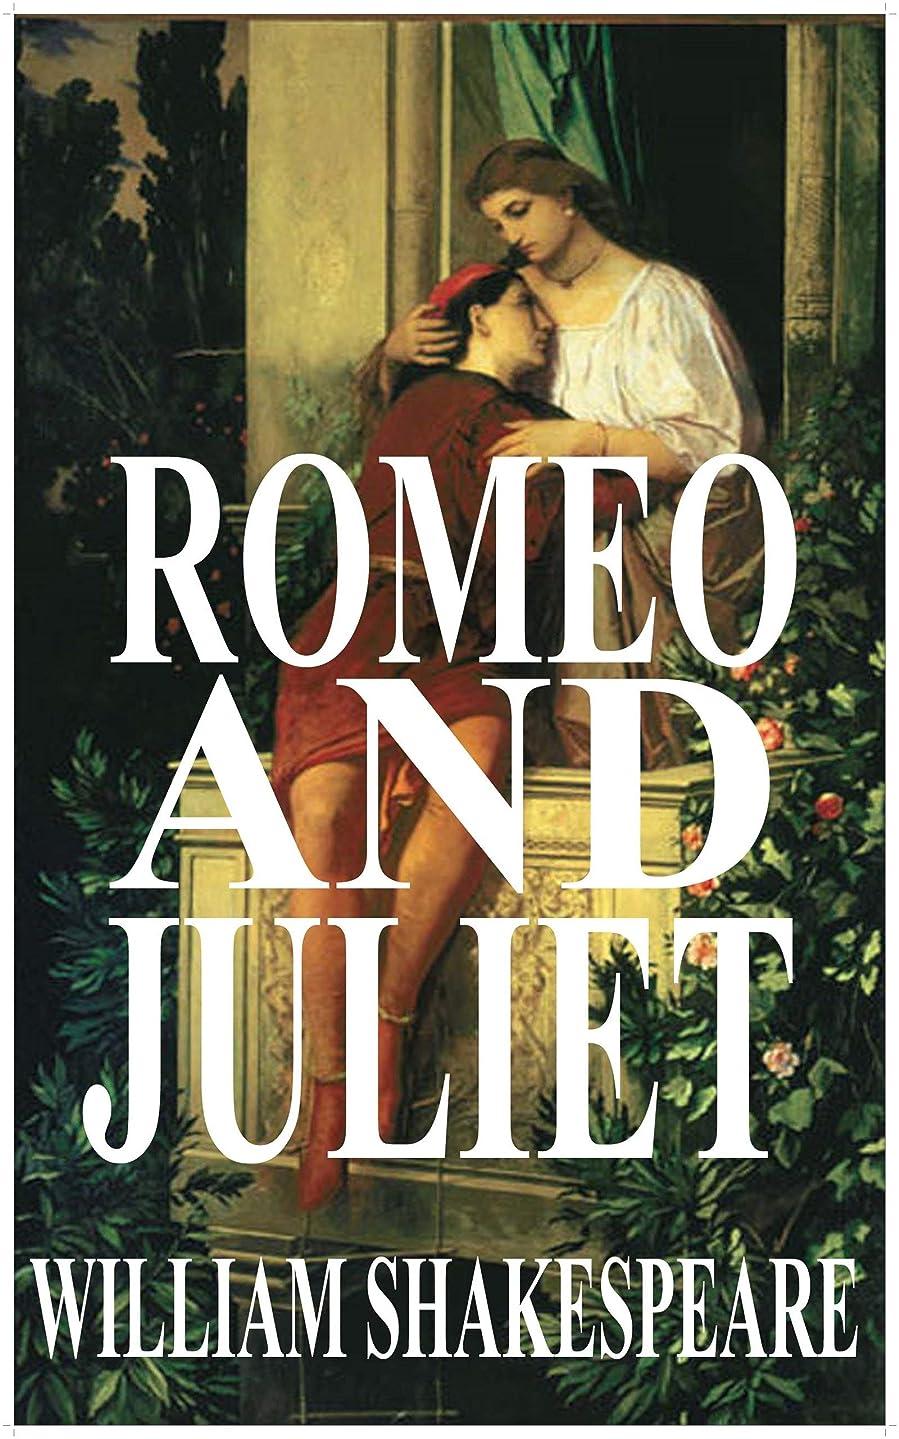 メイン真似る不透明なROMEO AND JULIET by William Shakespeare (Illustrated) (English Edition)